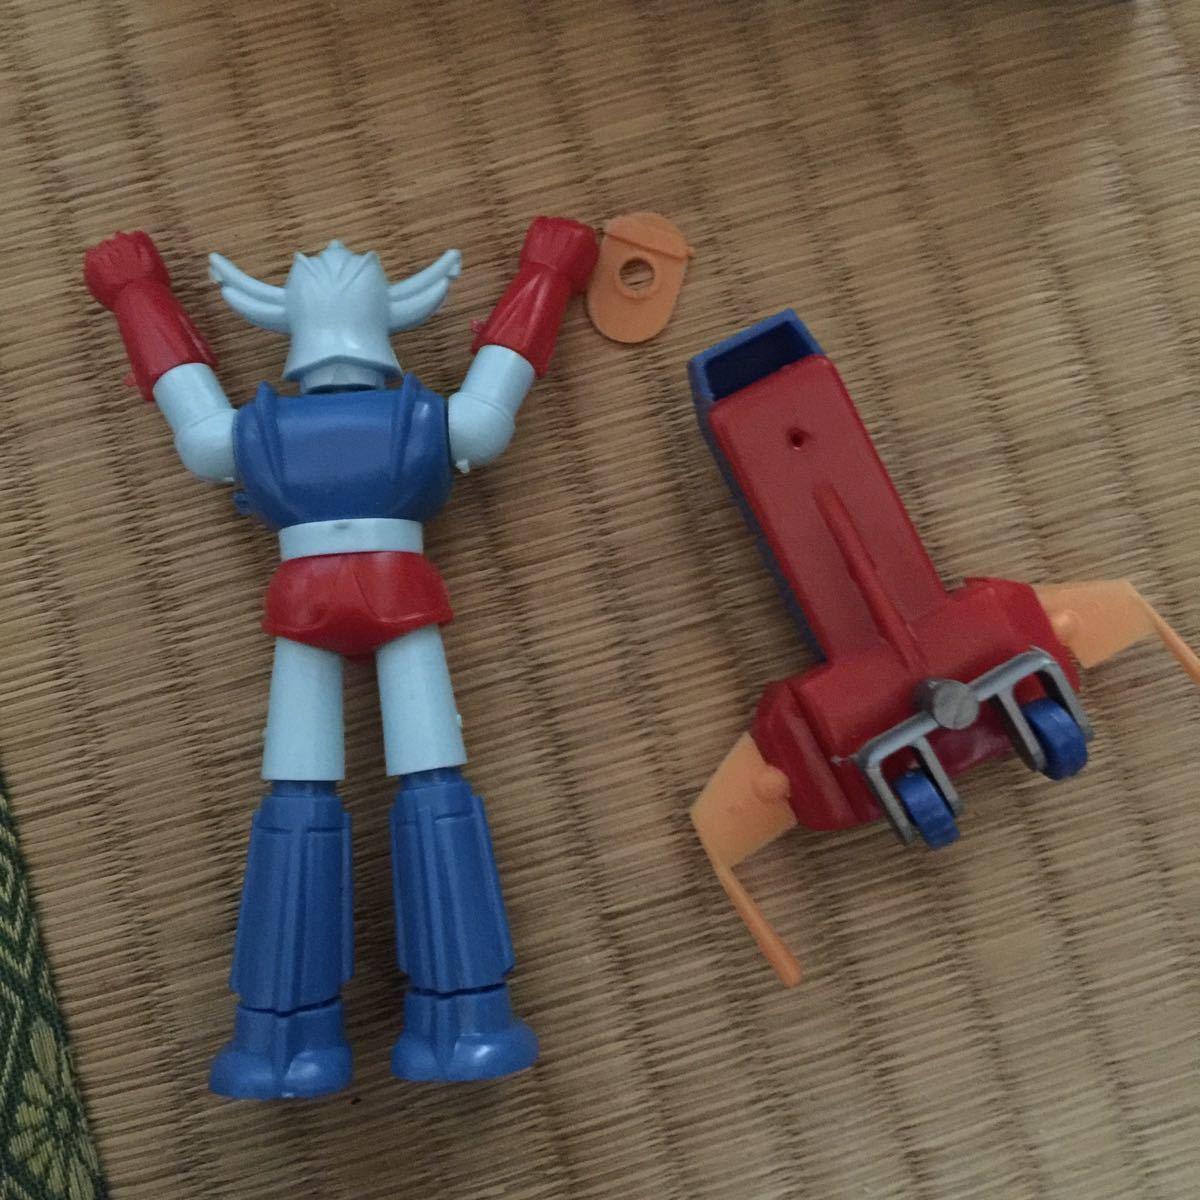 合体ロボット アトランジャー ミニ合体マシン アオシマ _画像5